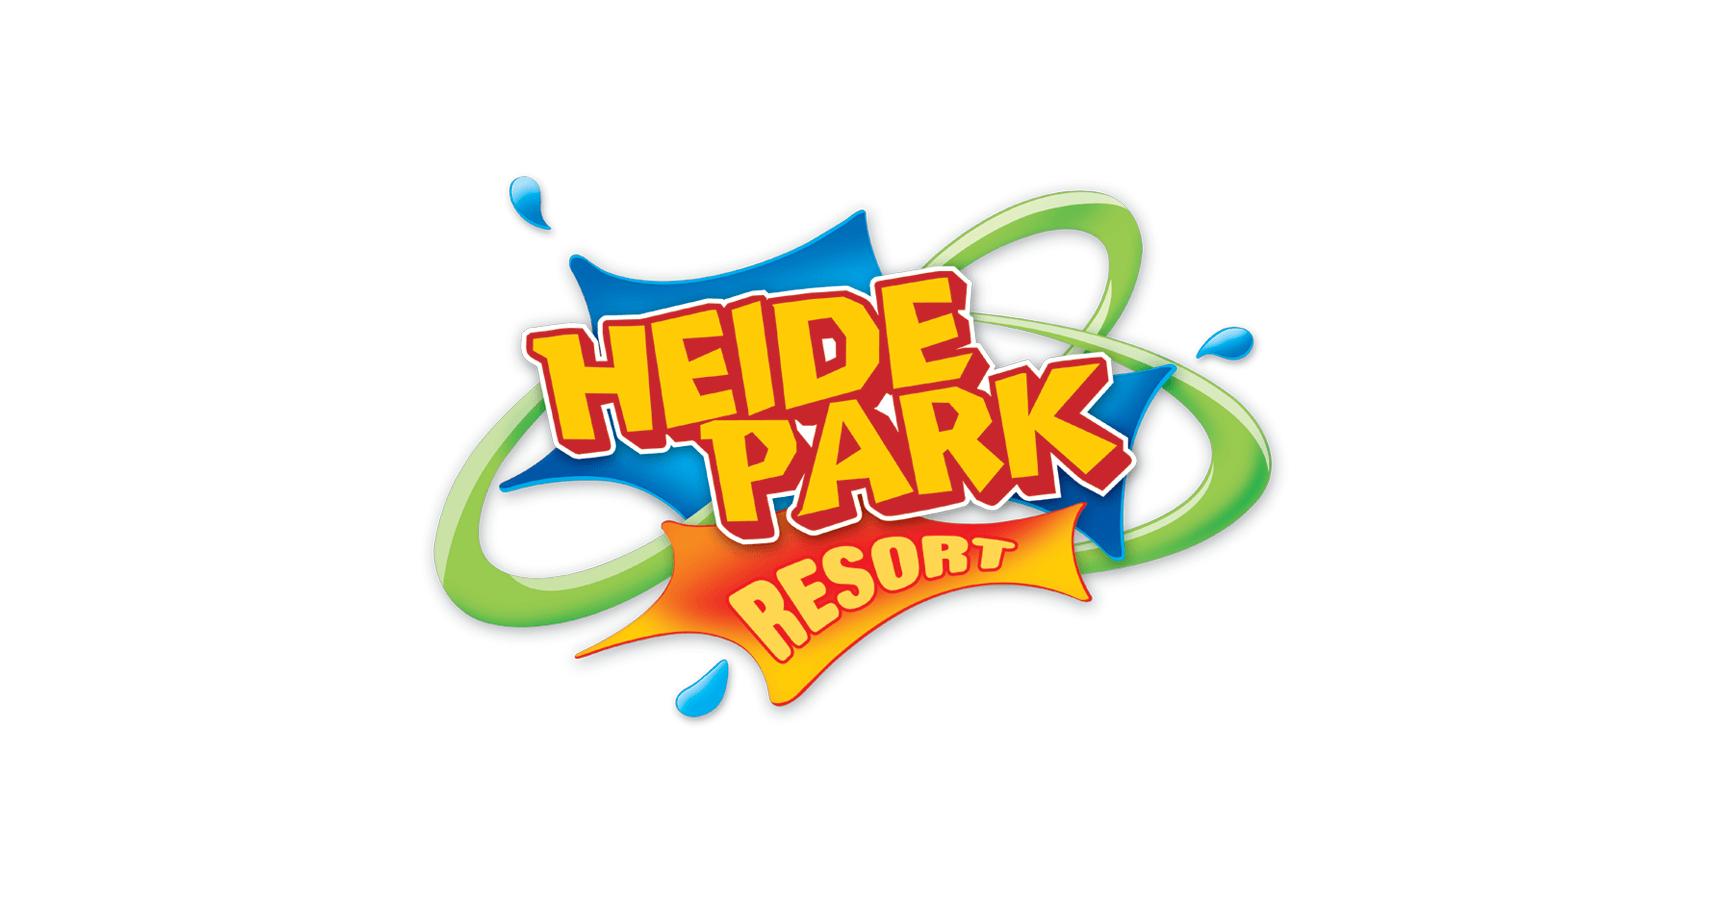 Peter Brownbill ein weiteres Jahr im Heidepark